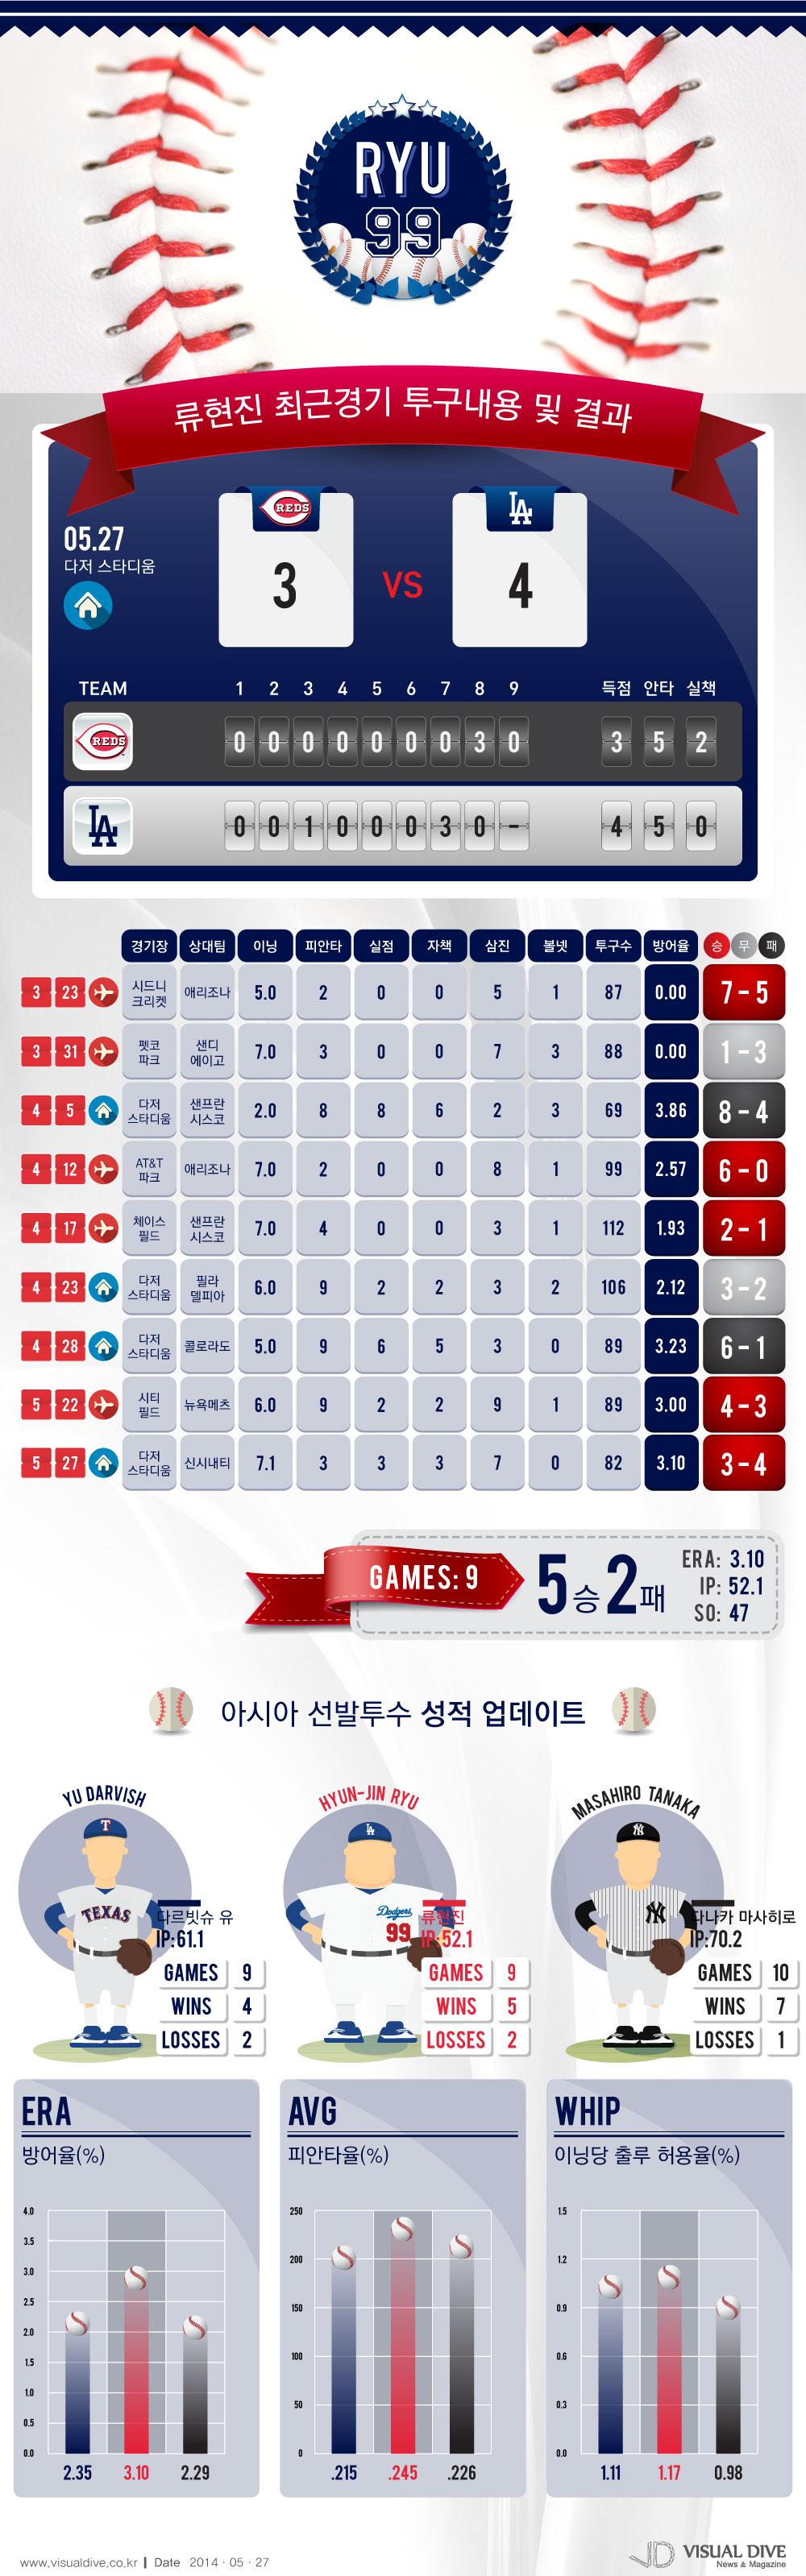 류현진 시즌 9번째 선발 등판, 5승 2패… 7이닝 퍼펙트 기록 [인포그래픽] #baseball  #Infographic ⓒ 비주얼다이브 무단 복사·전재·재배포